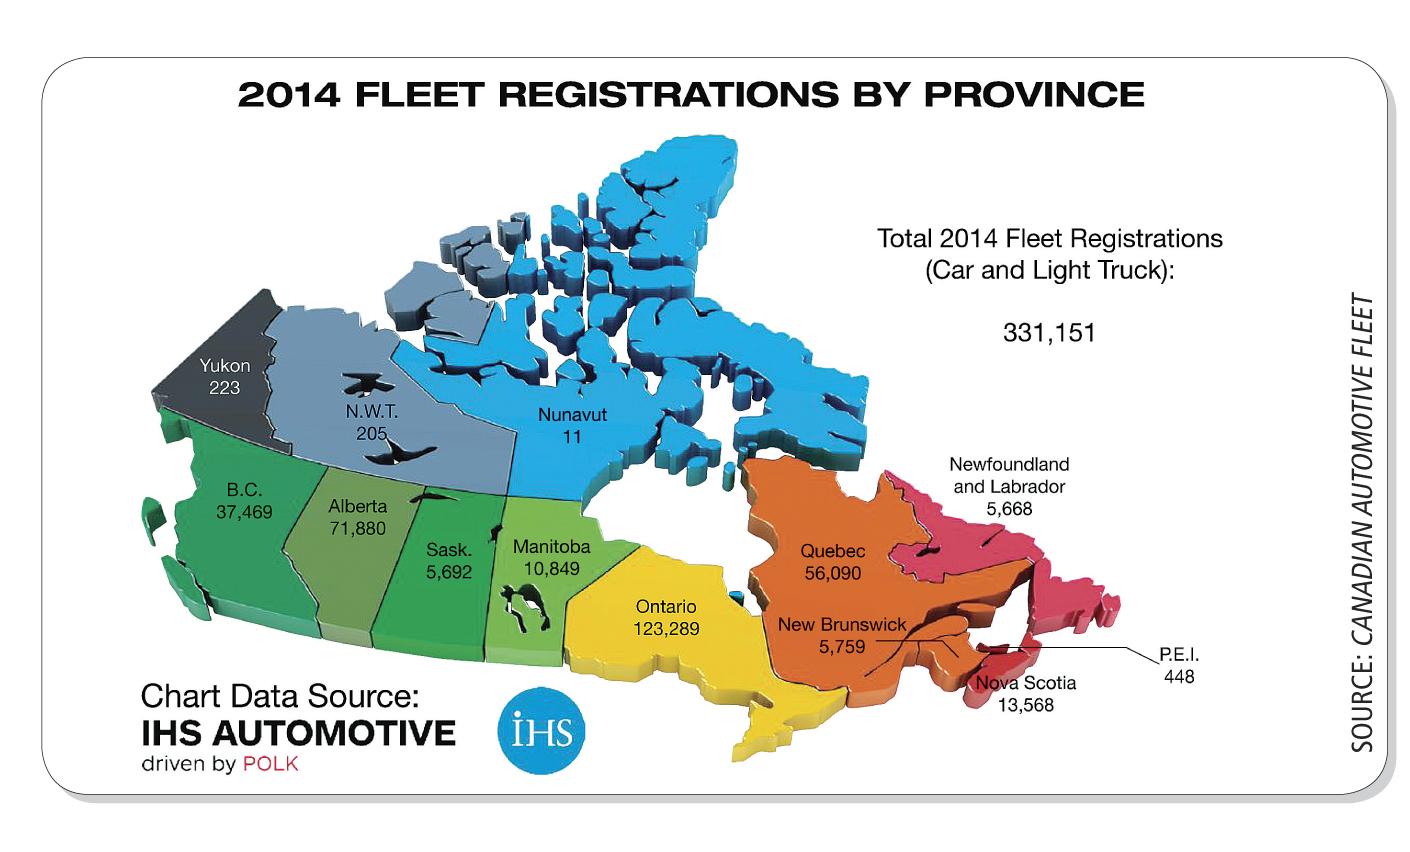 The Canadian Fleet Market is a Tale of Two Regions